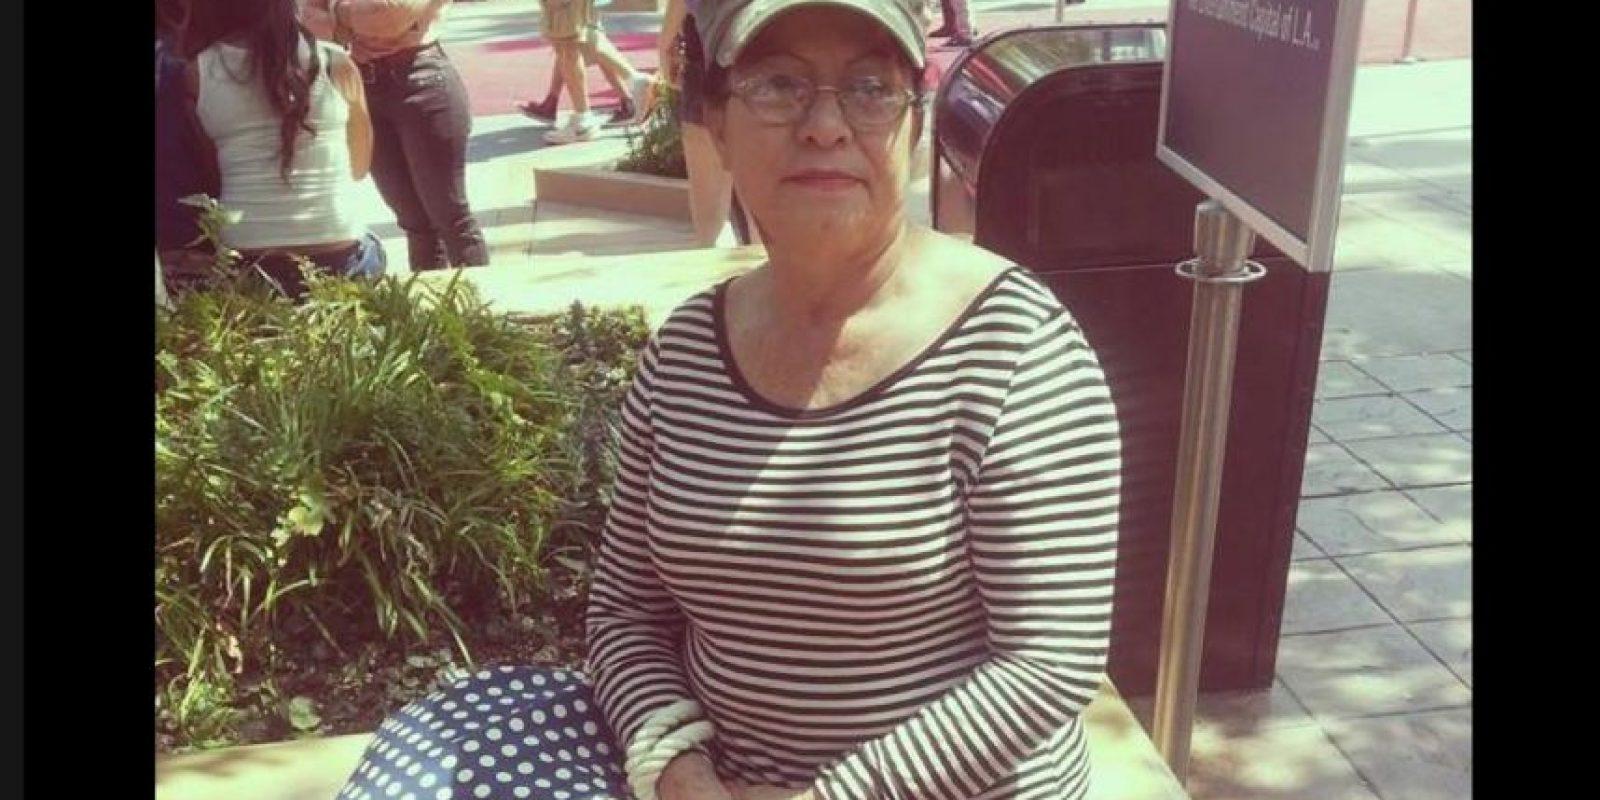 Su madre fue la que contesto a las ofensas de la estadounidense. Foto:Vía facebook.com/carlossteven.vasquez.9